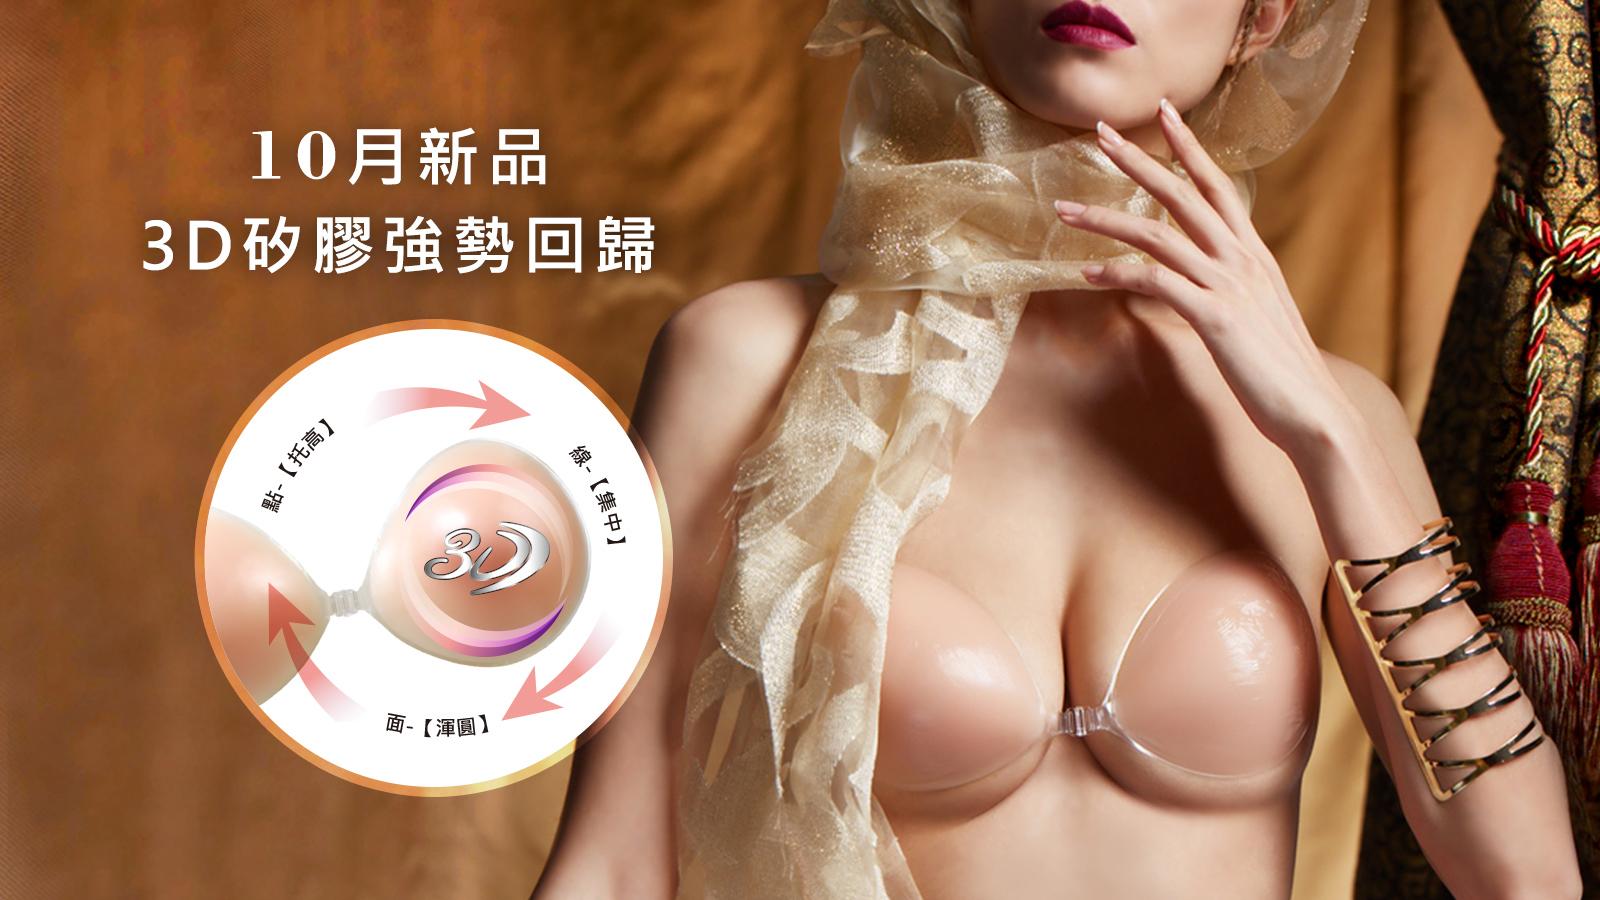 NuBra,絕世好波,矽膠,3D,推薦,每月推薦,期間限定,售完為止,大胸女孩,美胸,矽膠款,隱形內衣,隱形胸罩,10月限定